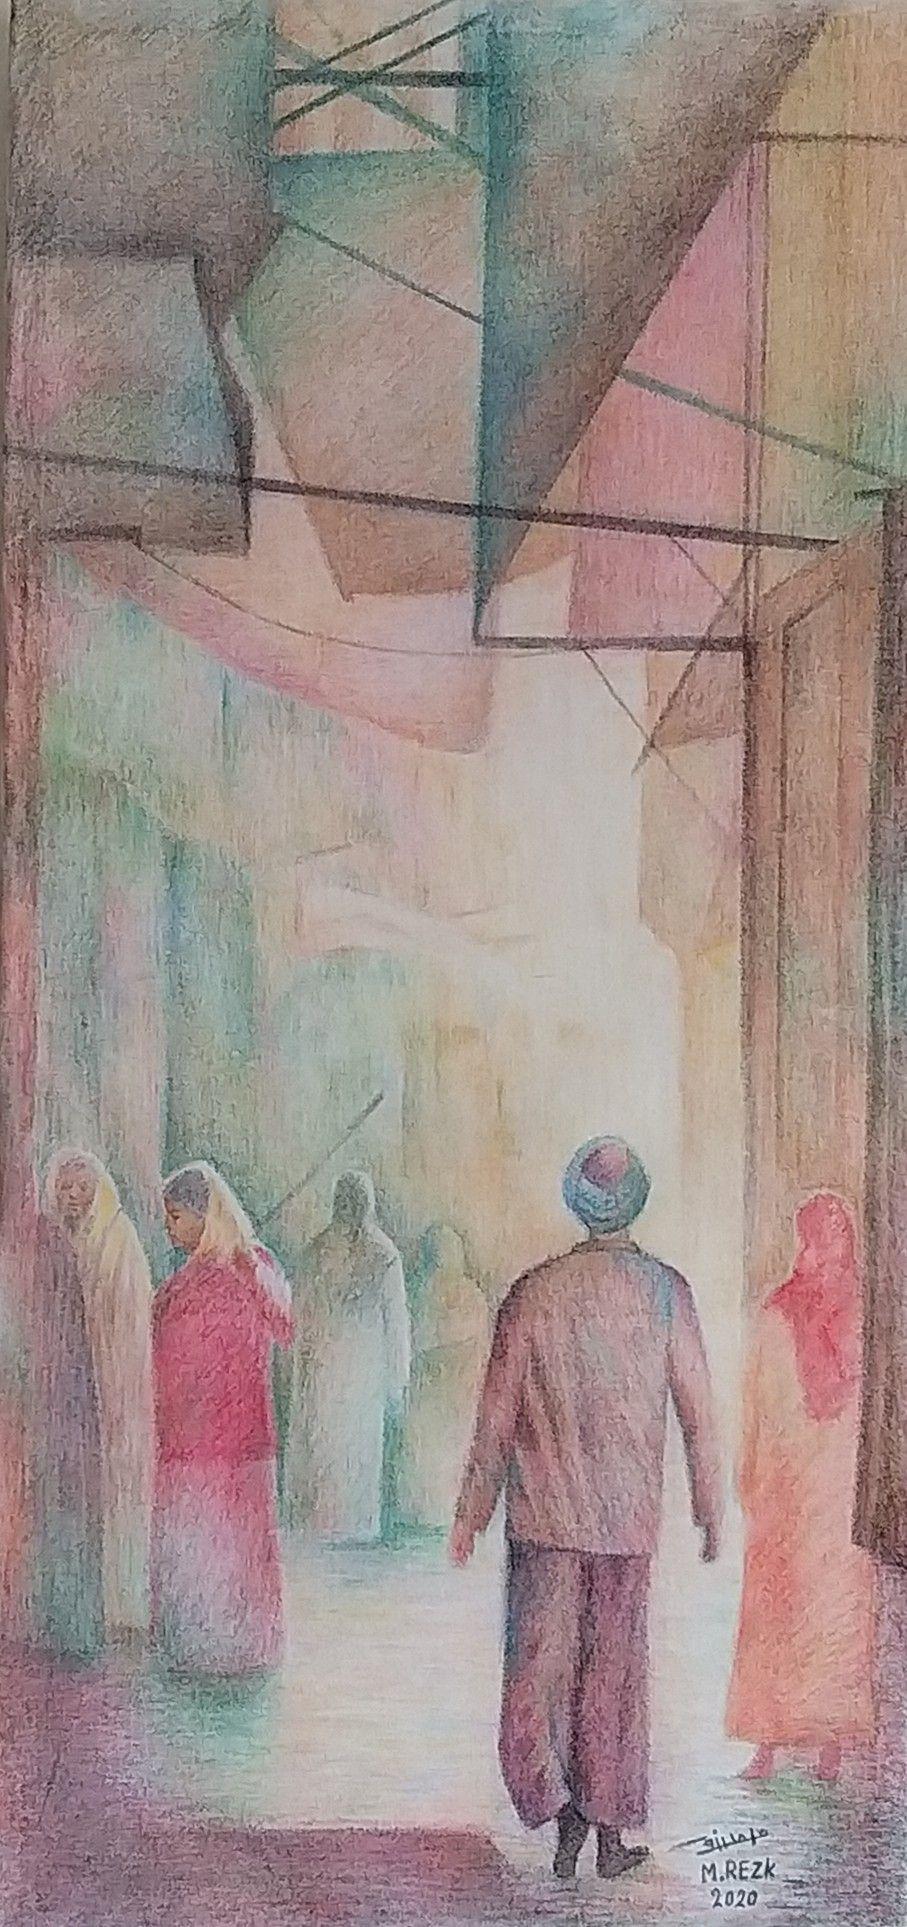 من أعمالي ألوان خشب علي كانفوس ١٠٠ ٥٥ ٢٠٢٠ Painting Art